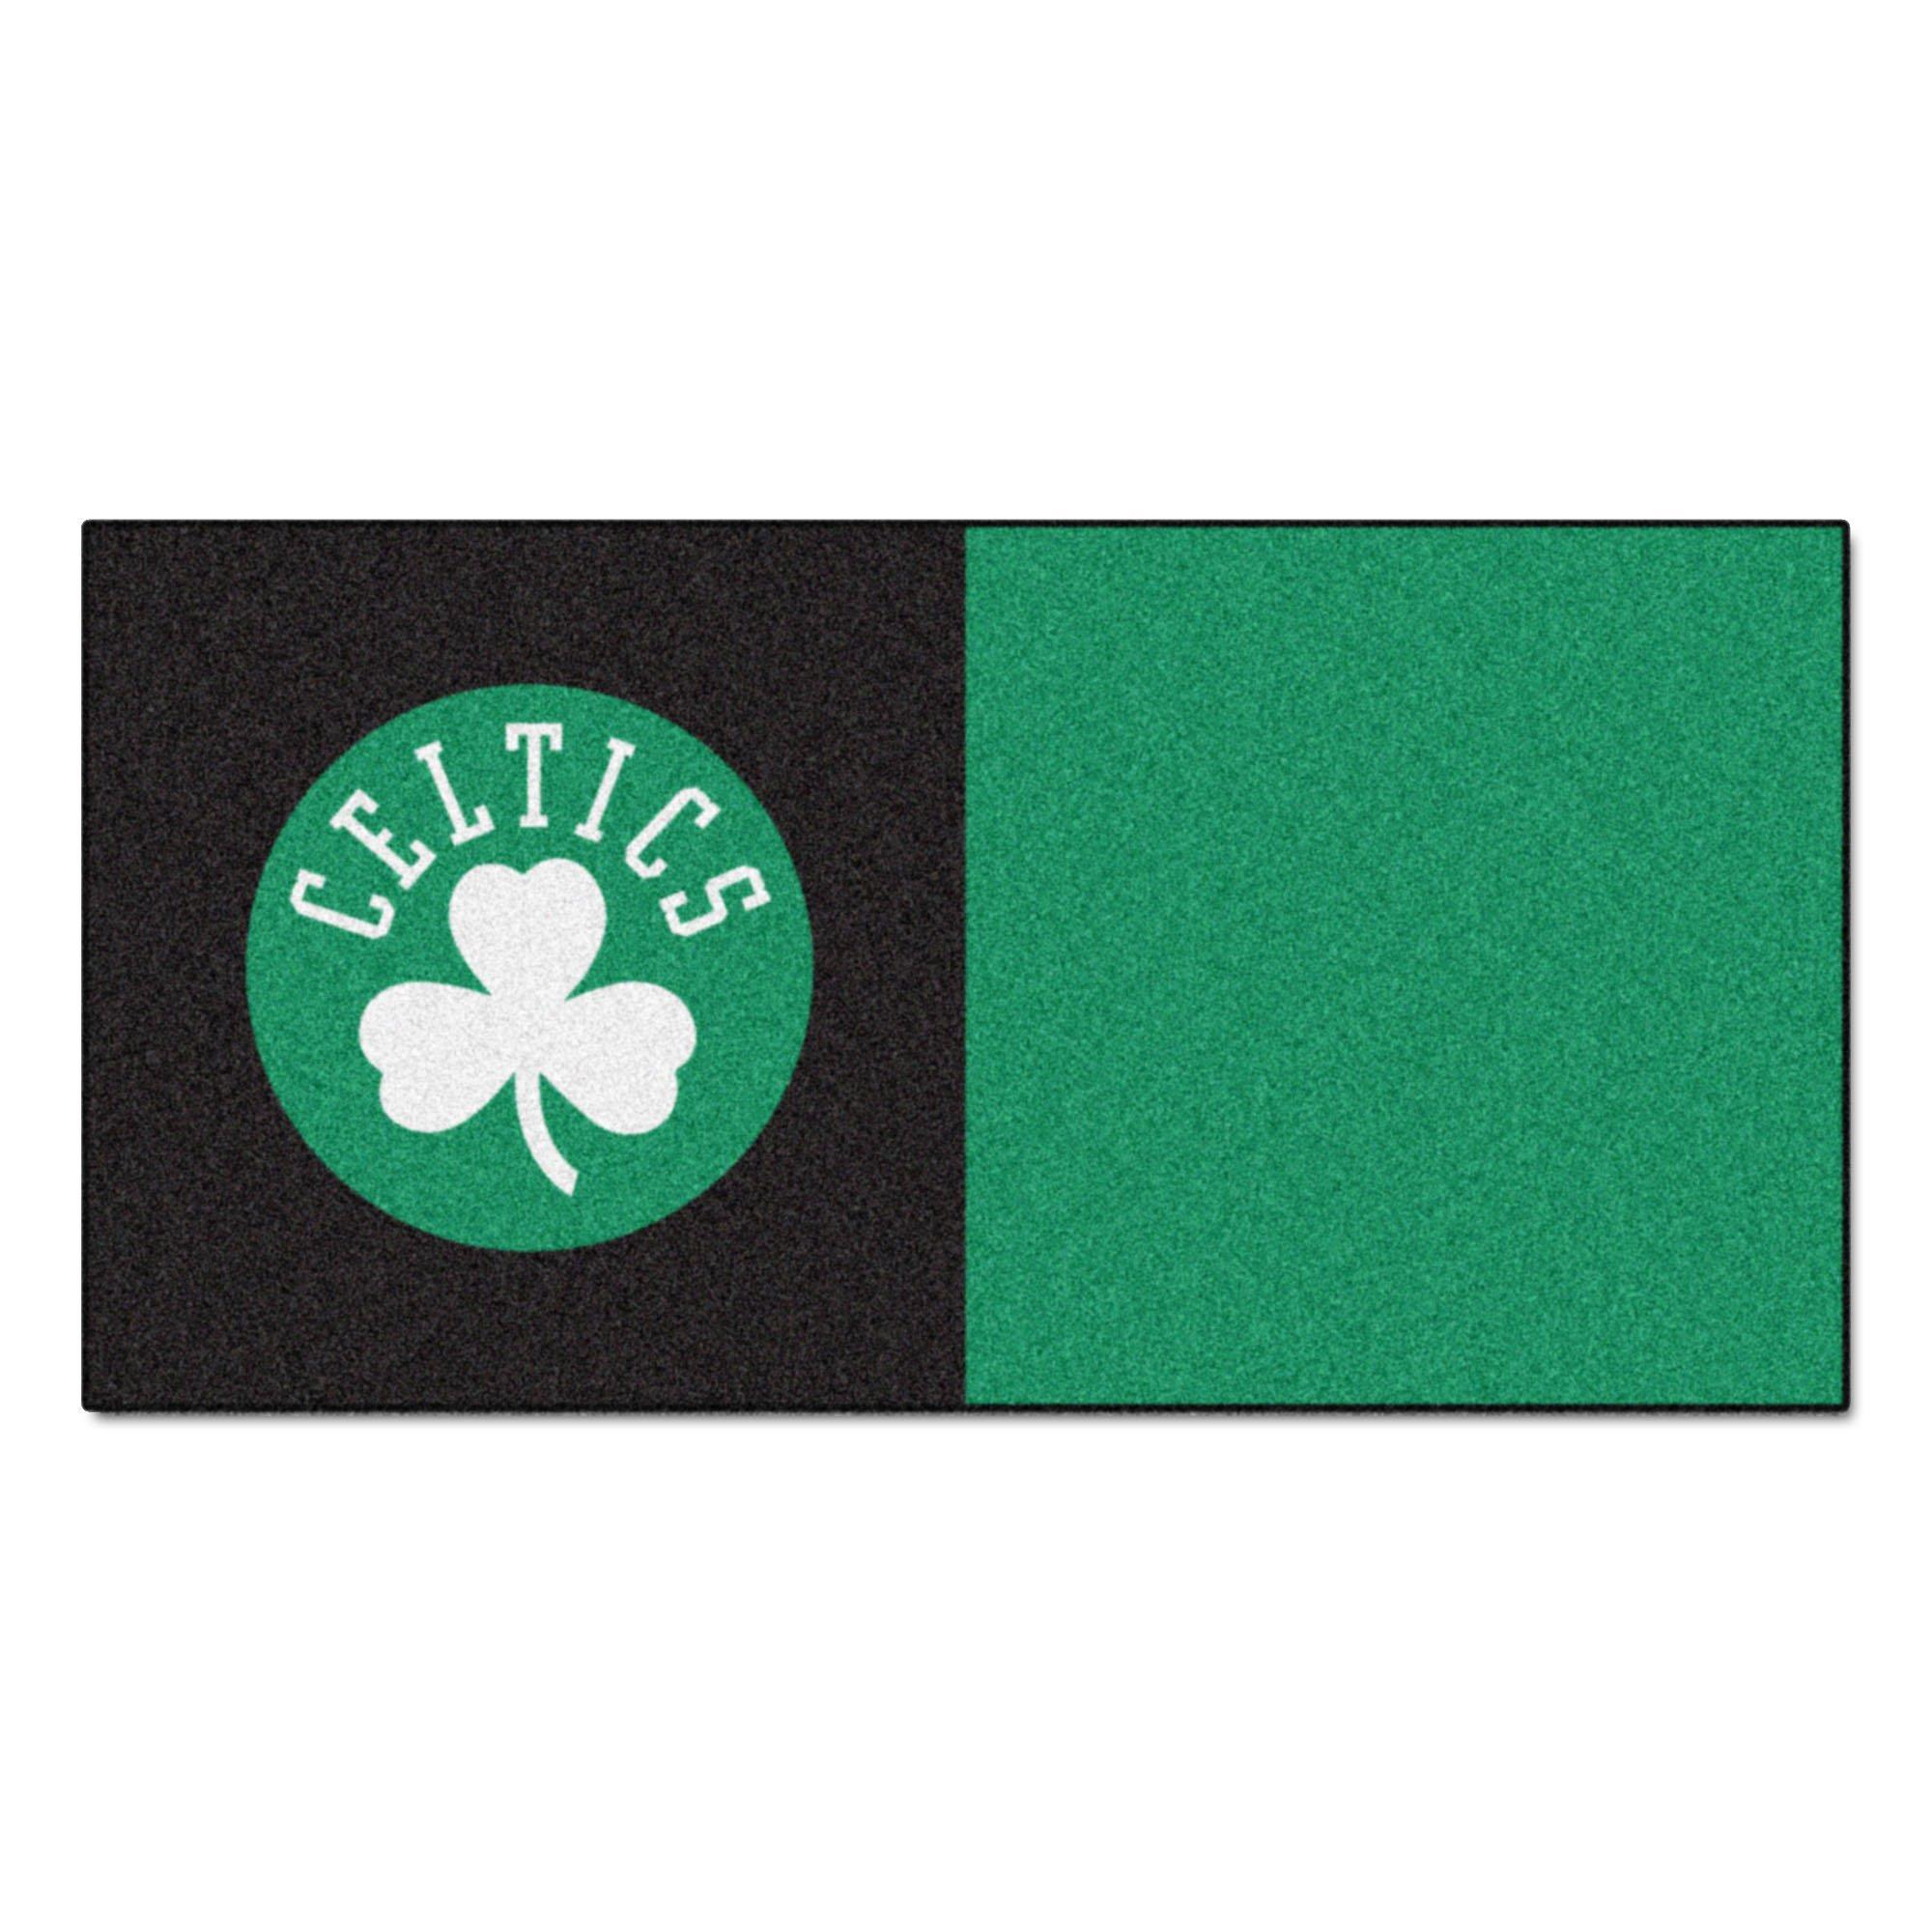 FANMATS NBA Boston Celtics Nylon Face Team Carpet Tiles